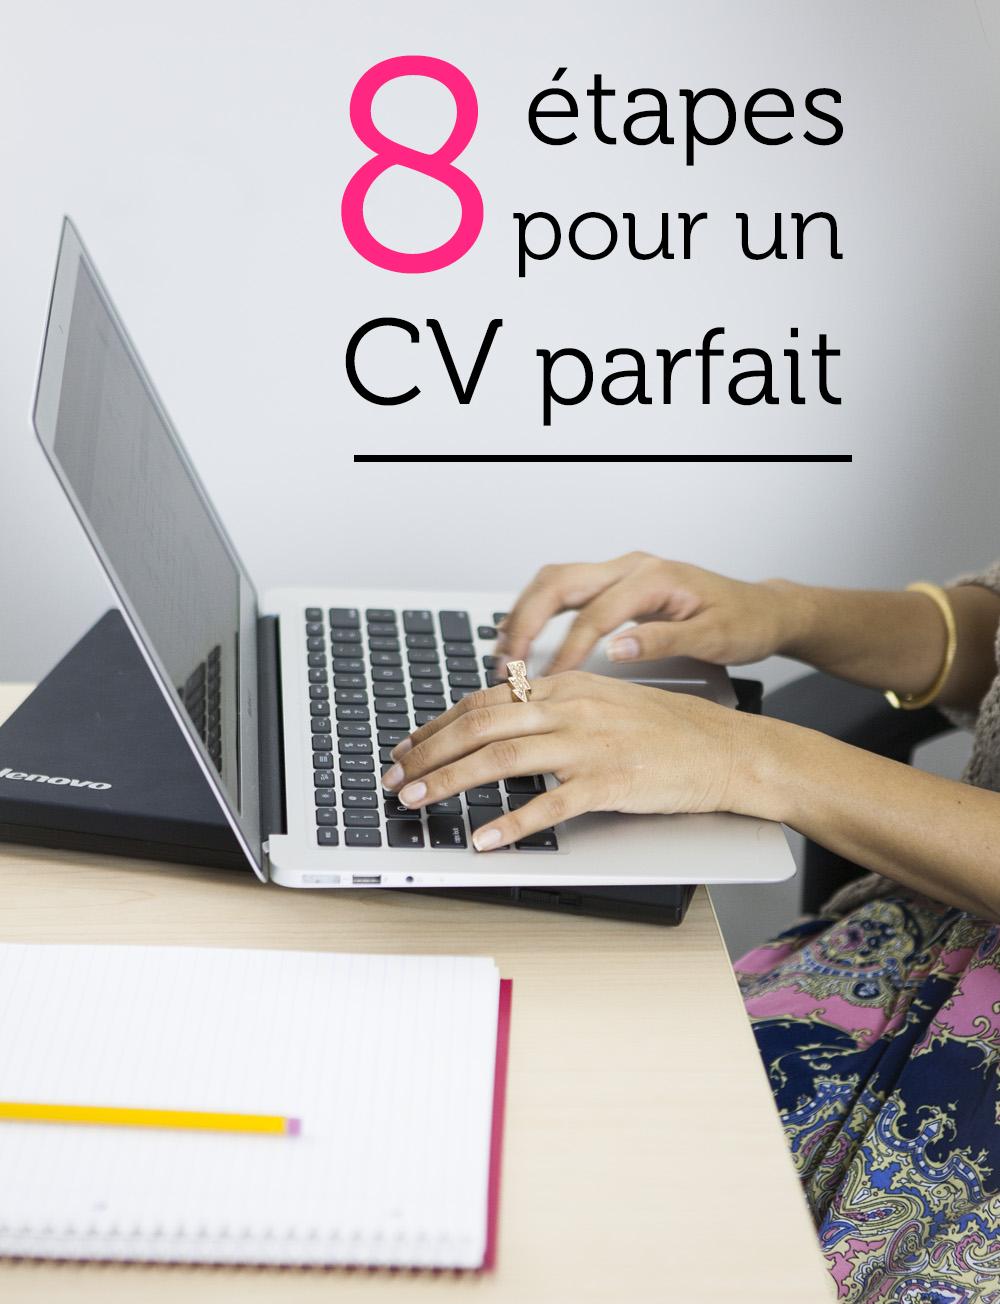 Vous devez refaire votre #CV ou le mettre à jour ? Rendez-vous sur jobijoba pour lire nos astuces #emploi